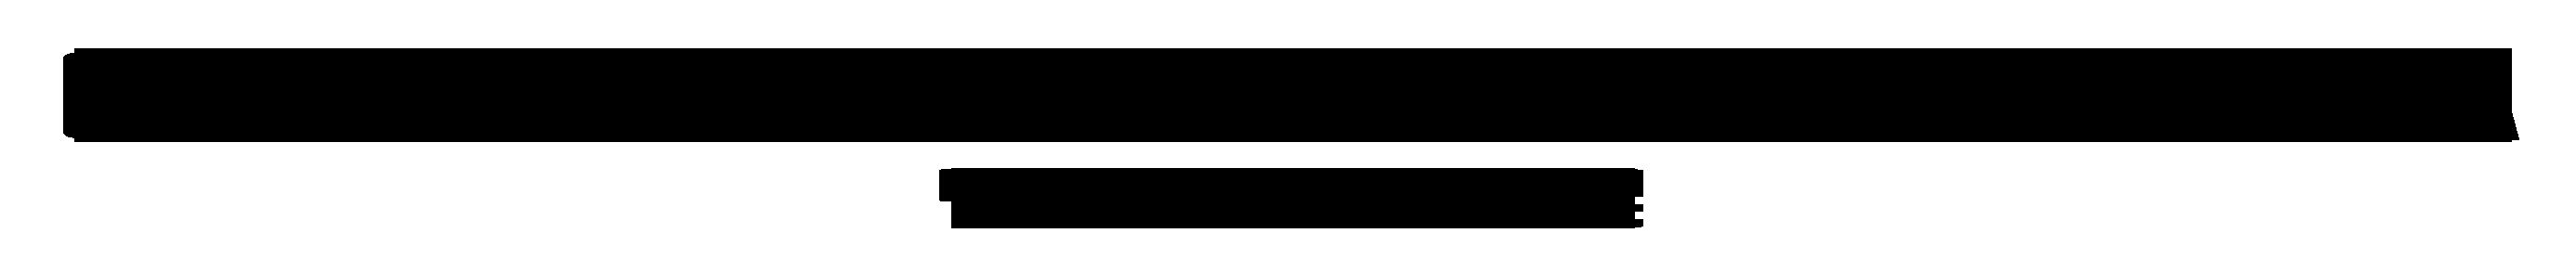 gruppo-della-cuccagna2